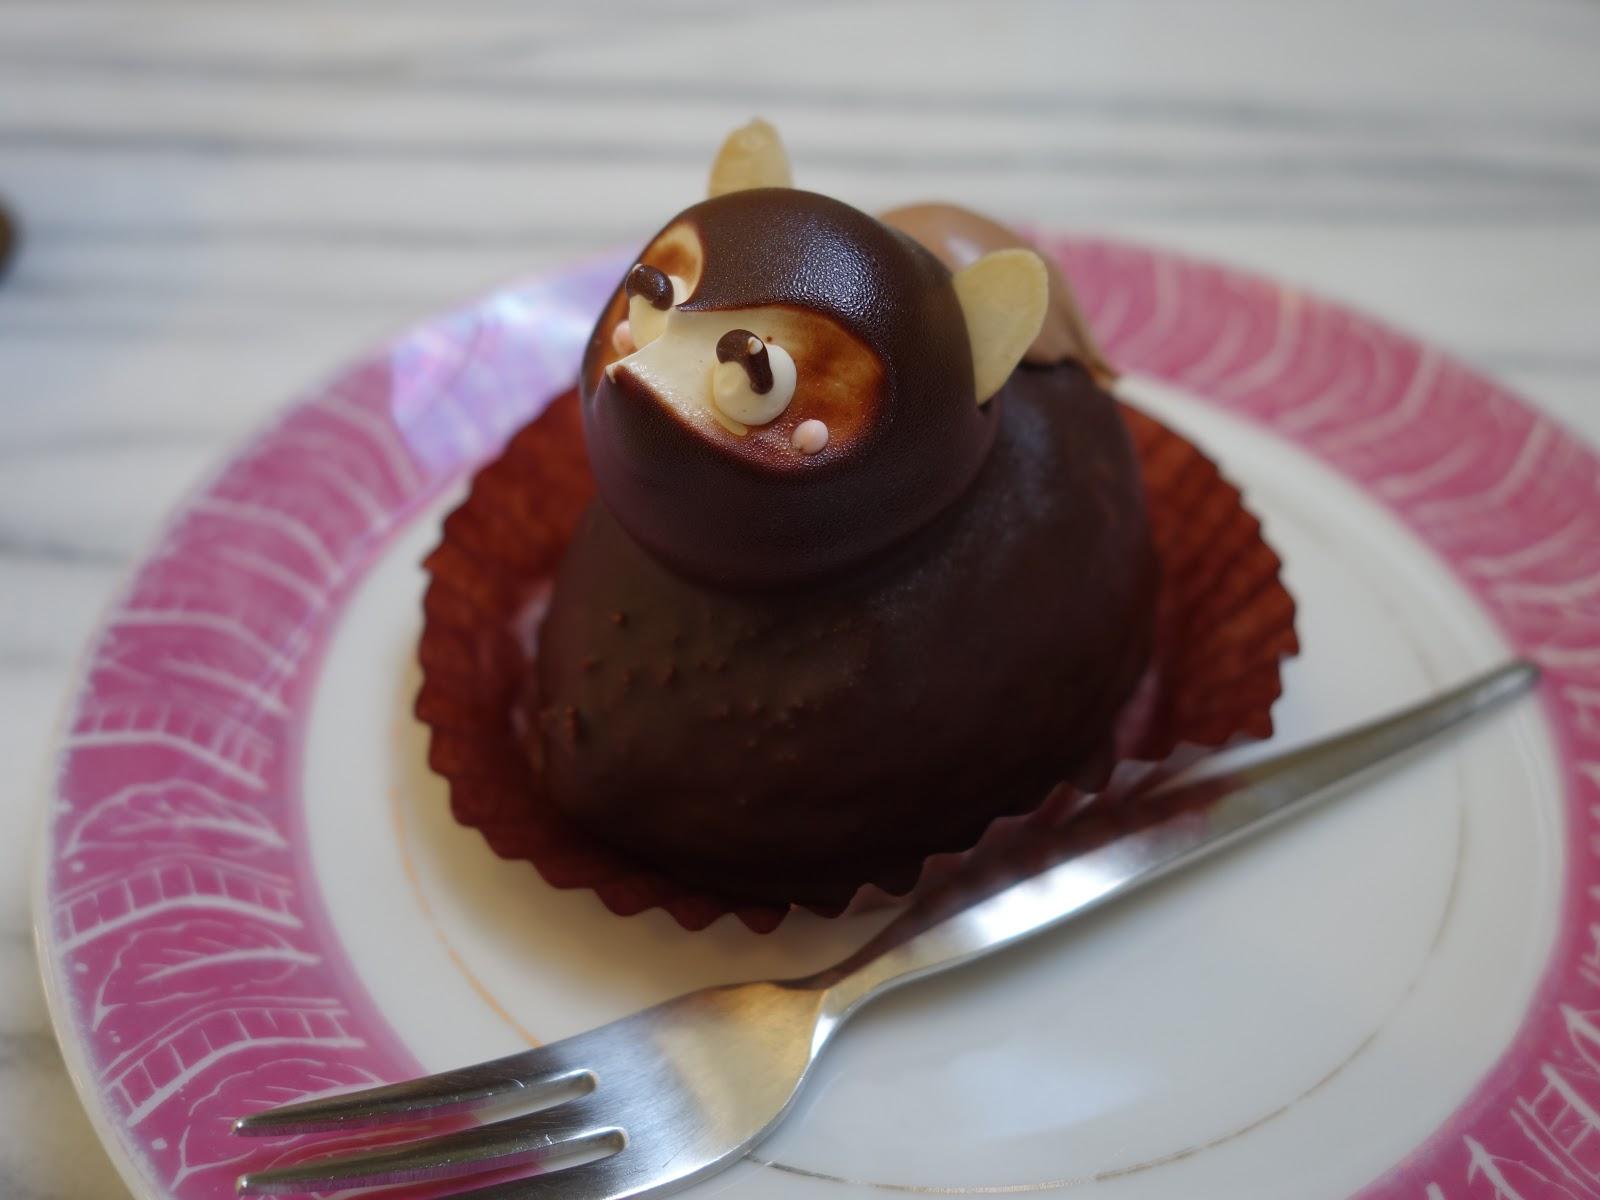 たぬきケーキ 鳥取県米子市「つるだや」